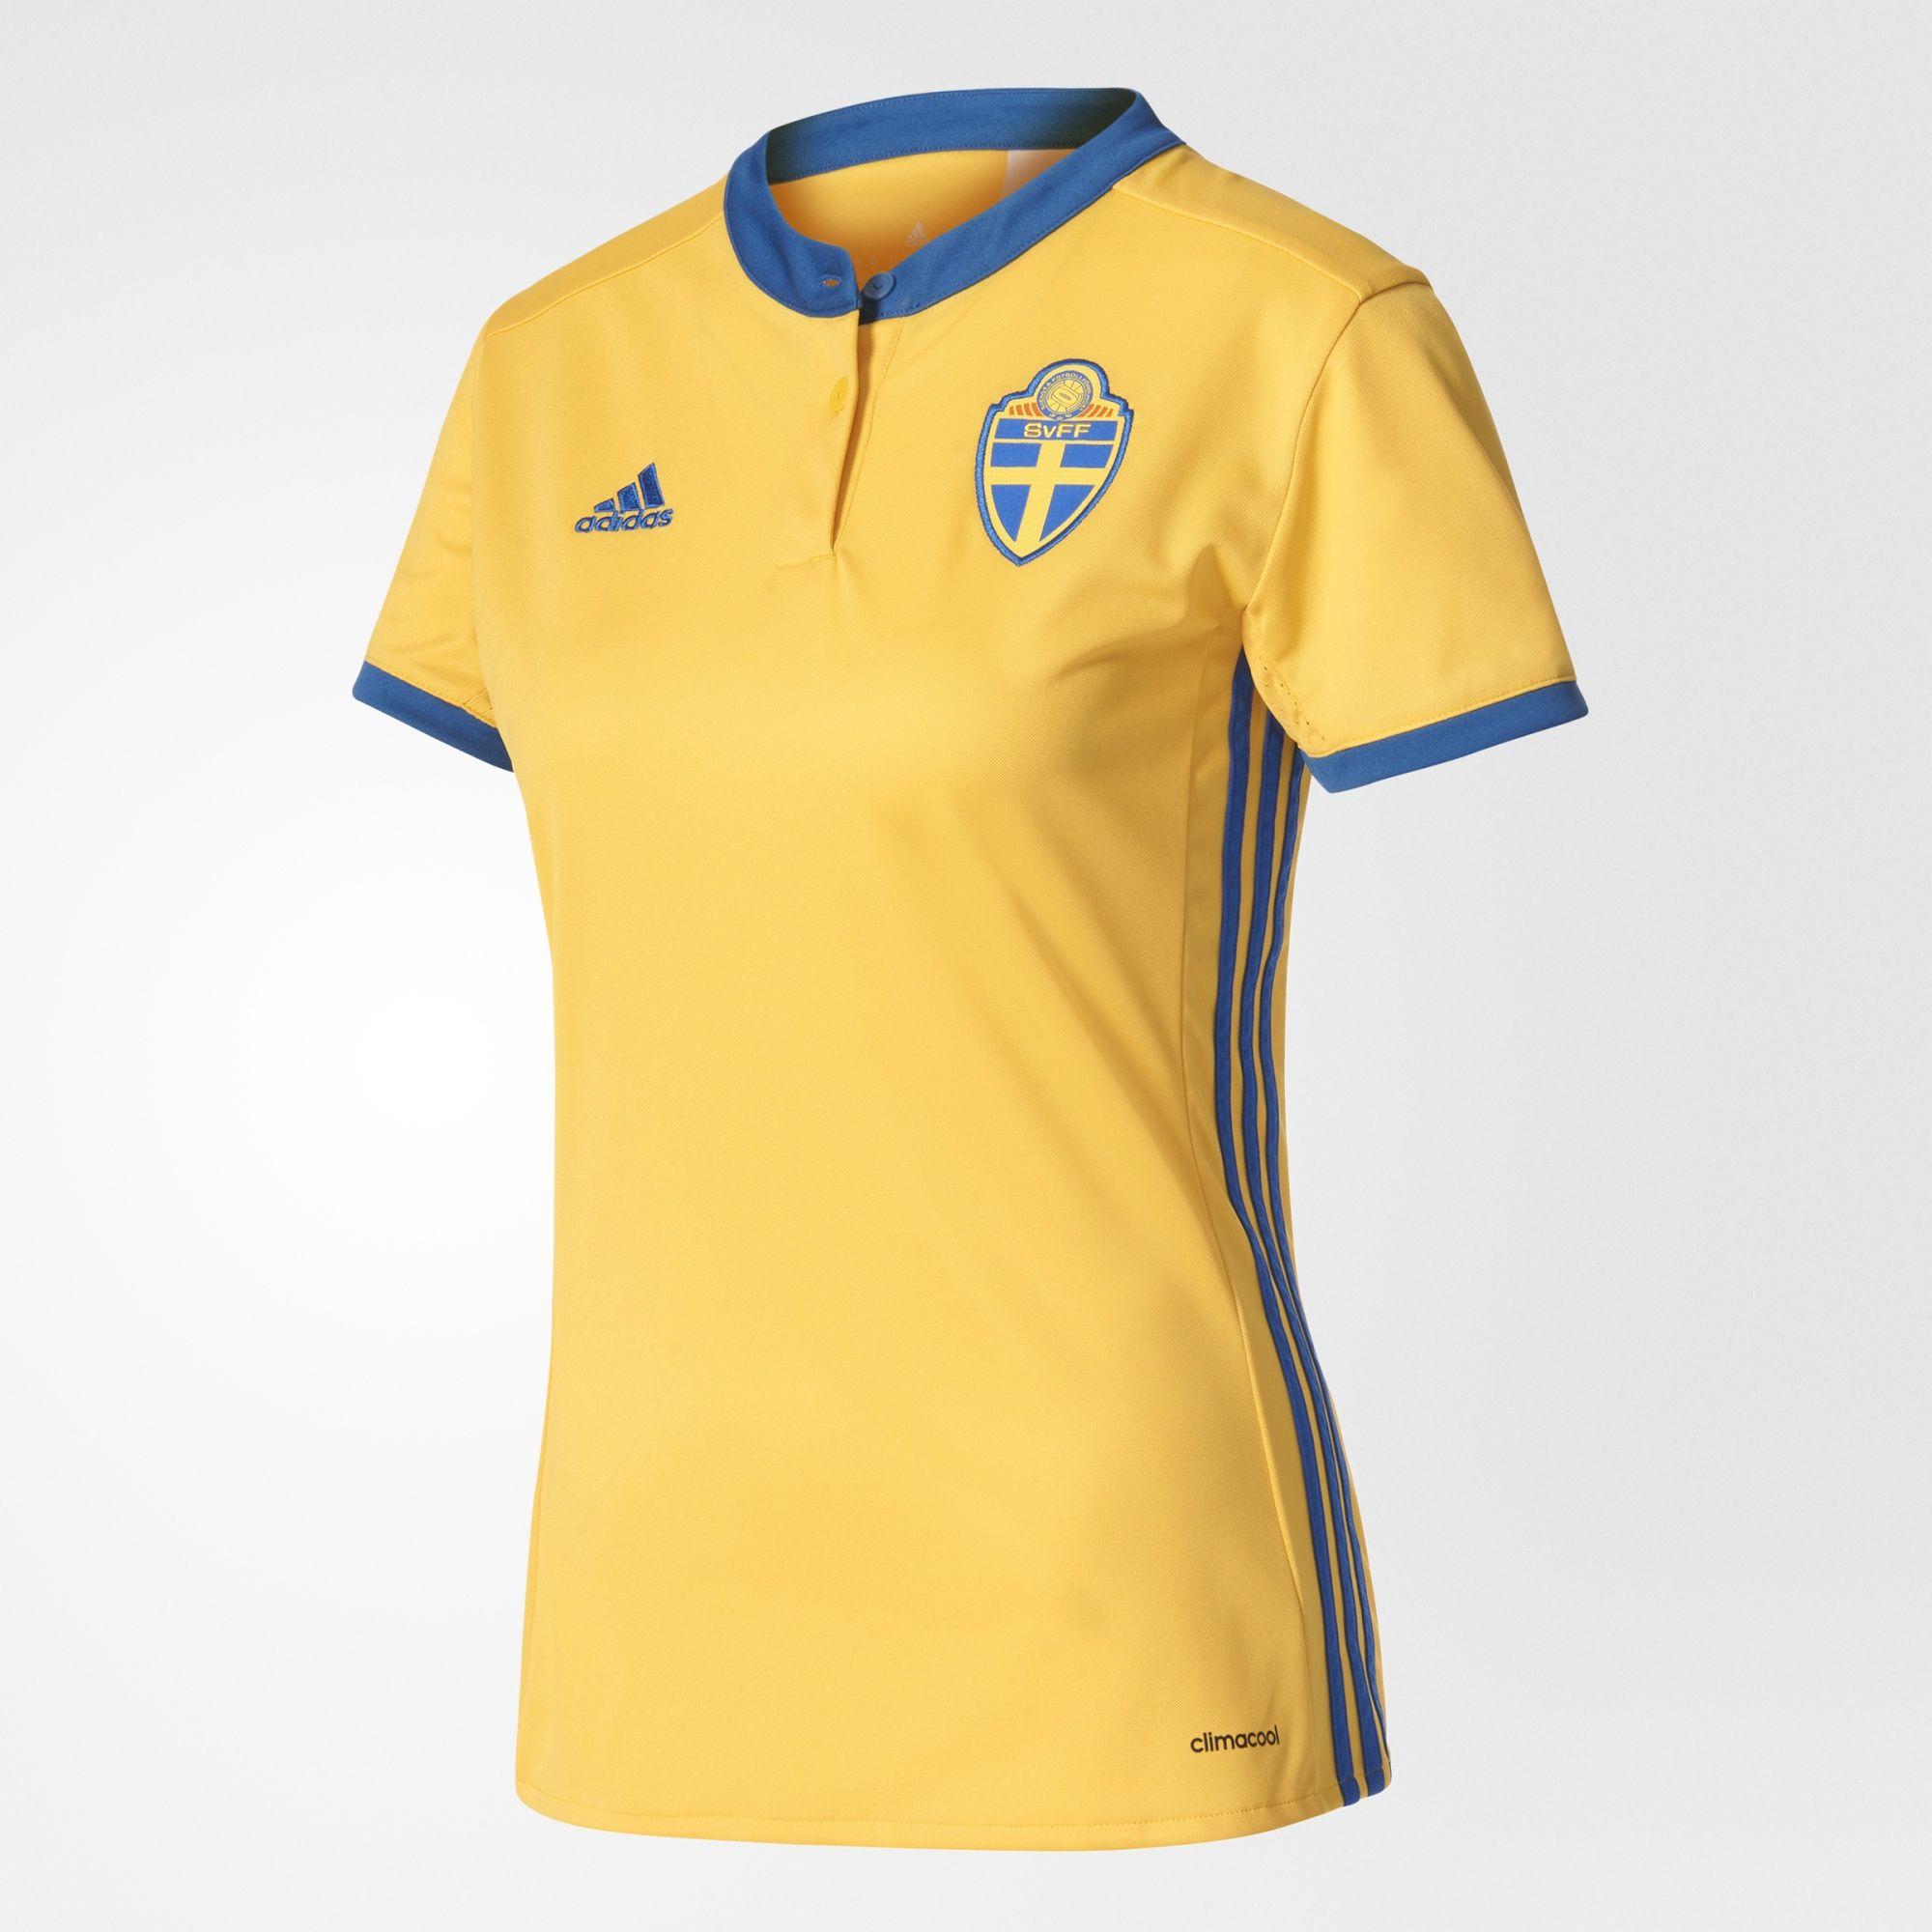 Cheap Adidas Football Kits  89abe4becb46